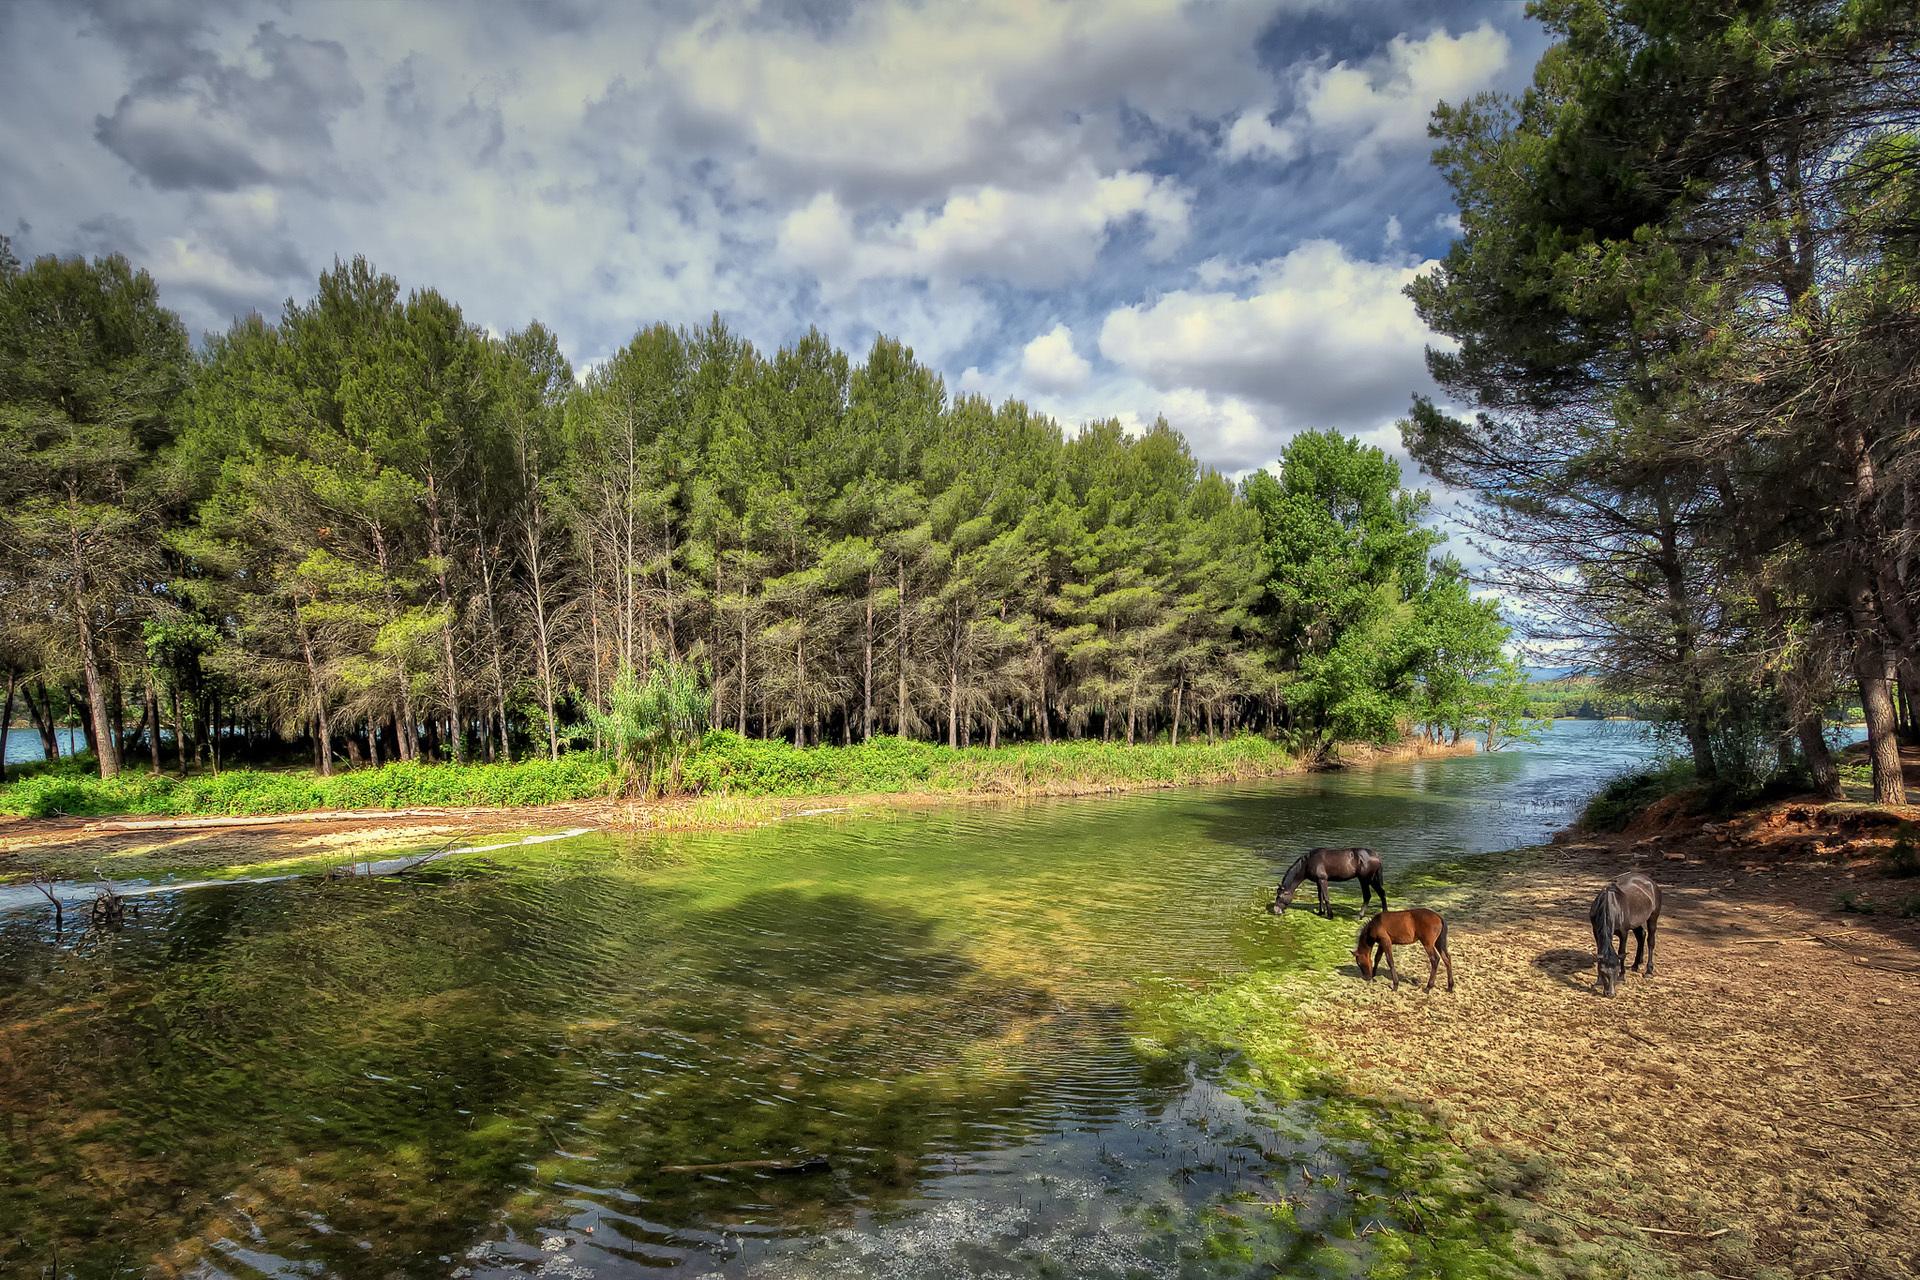 Handy-Wallpaper Tiere, Landschaft, Flüsse, Bäume, Pferde kostenlos herunterladen.